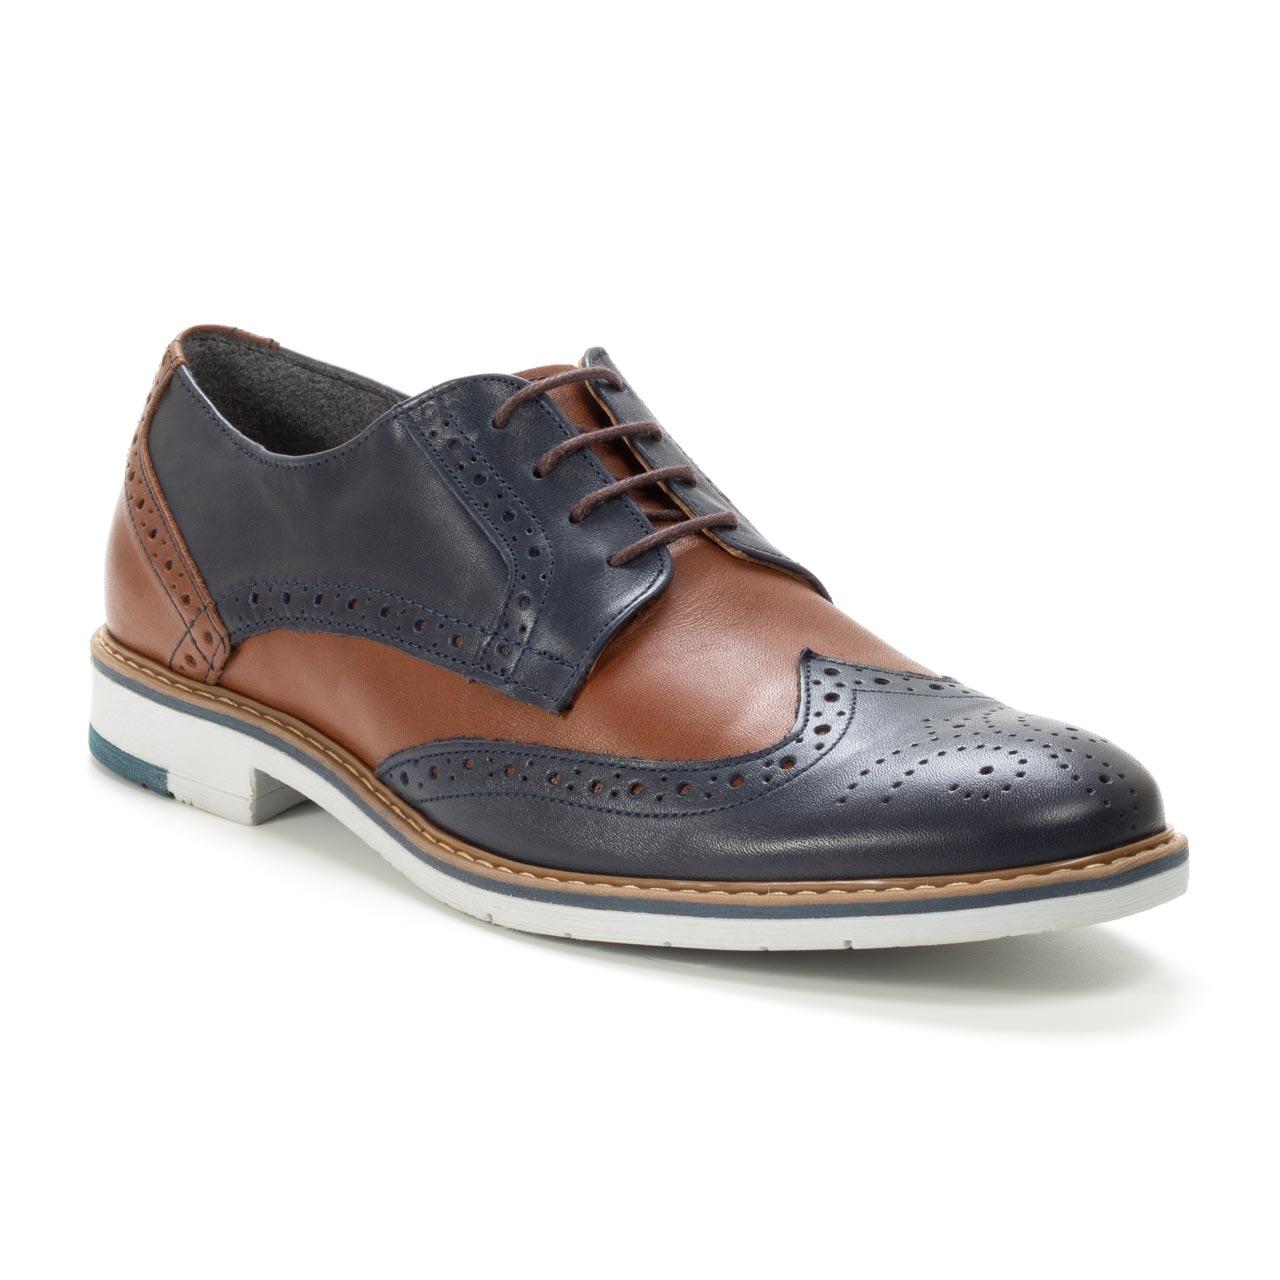 Kožna muška obuća - Muške cipele-Casual-570-2-Teget sa braon detaljima